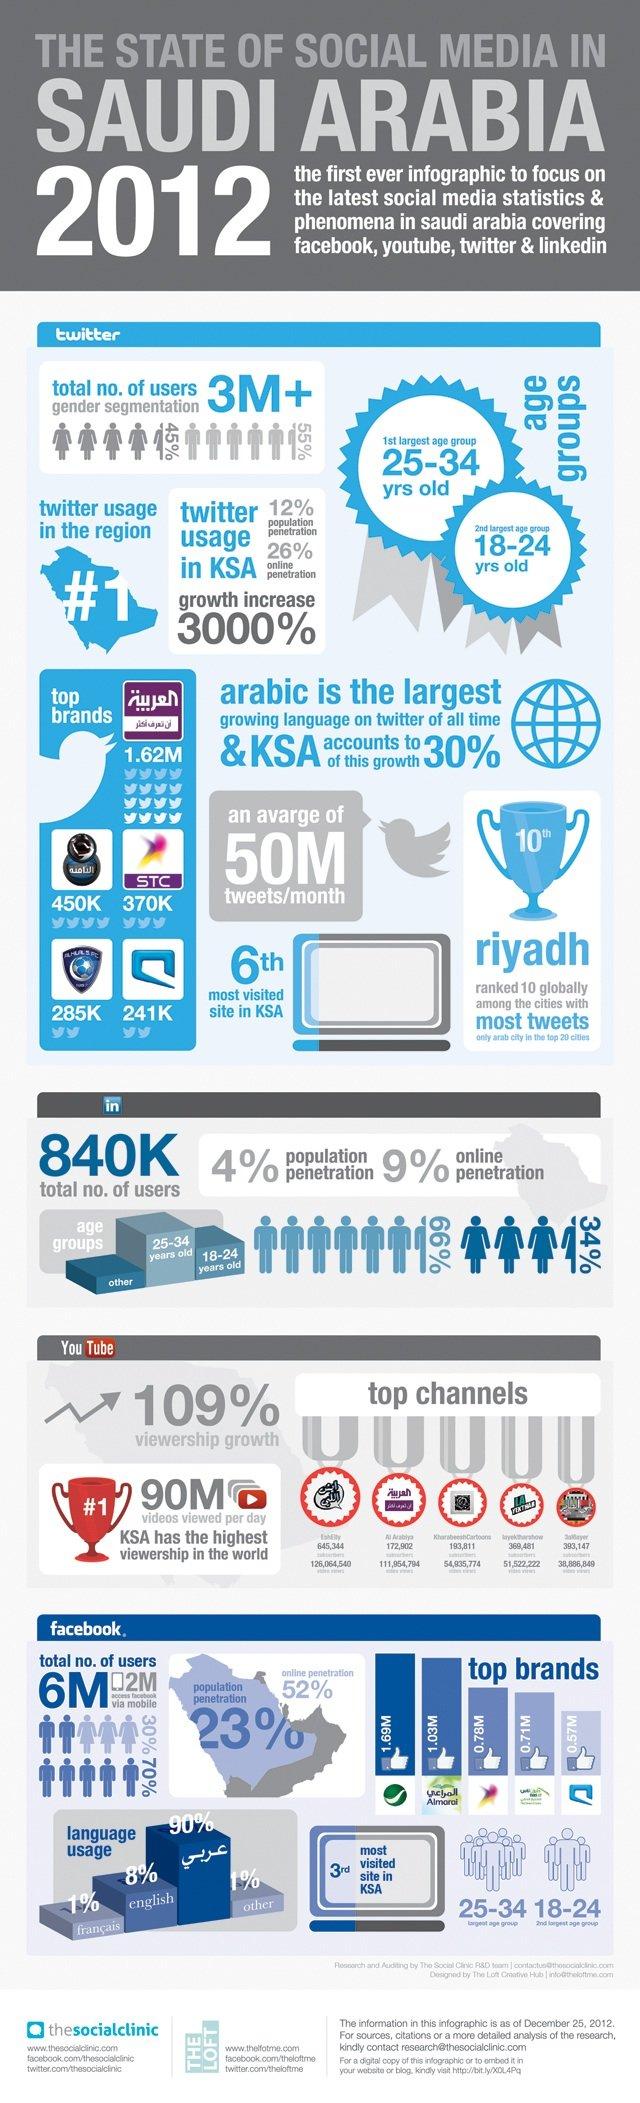 State of Social Media in Saudi Arabia